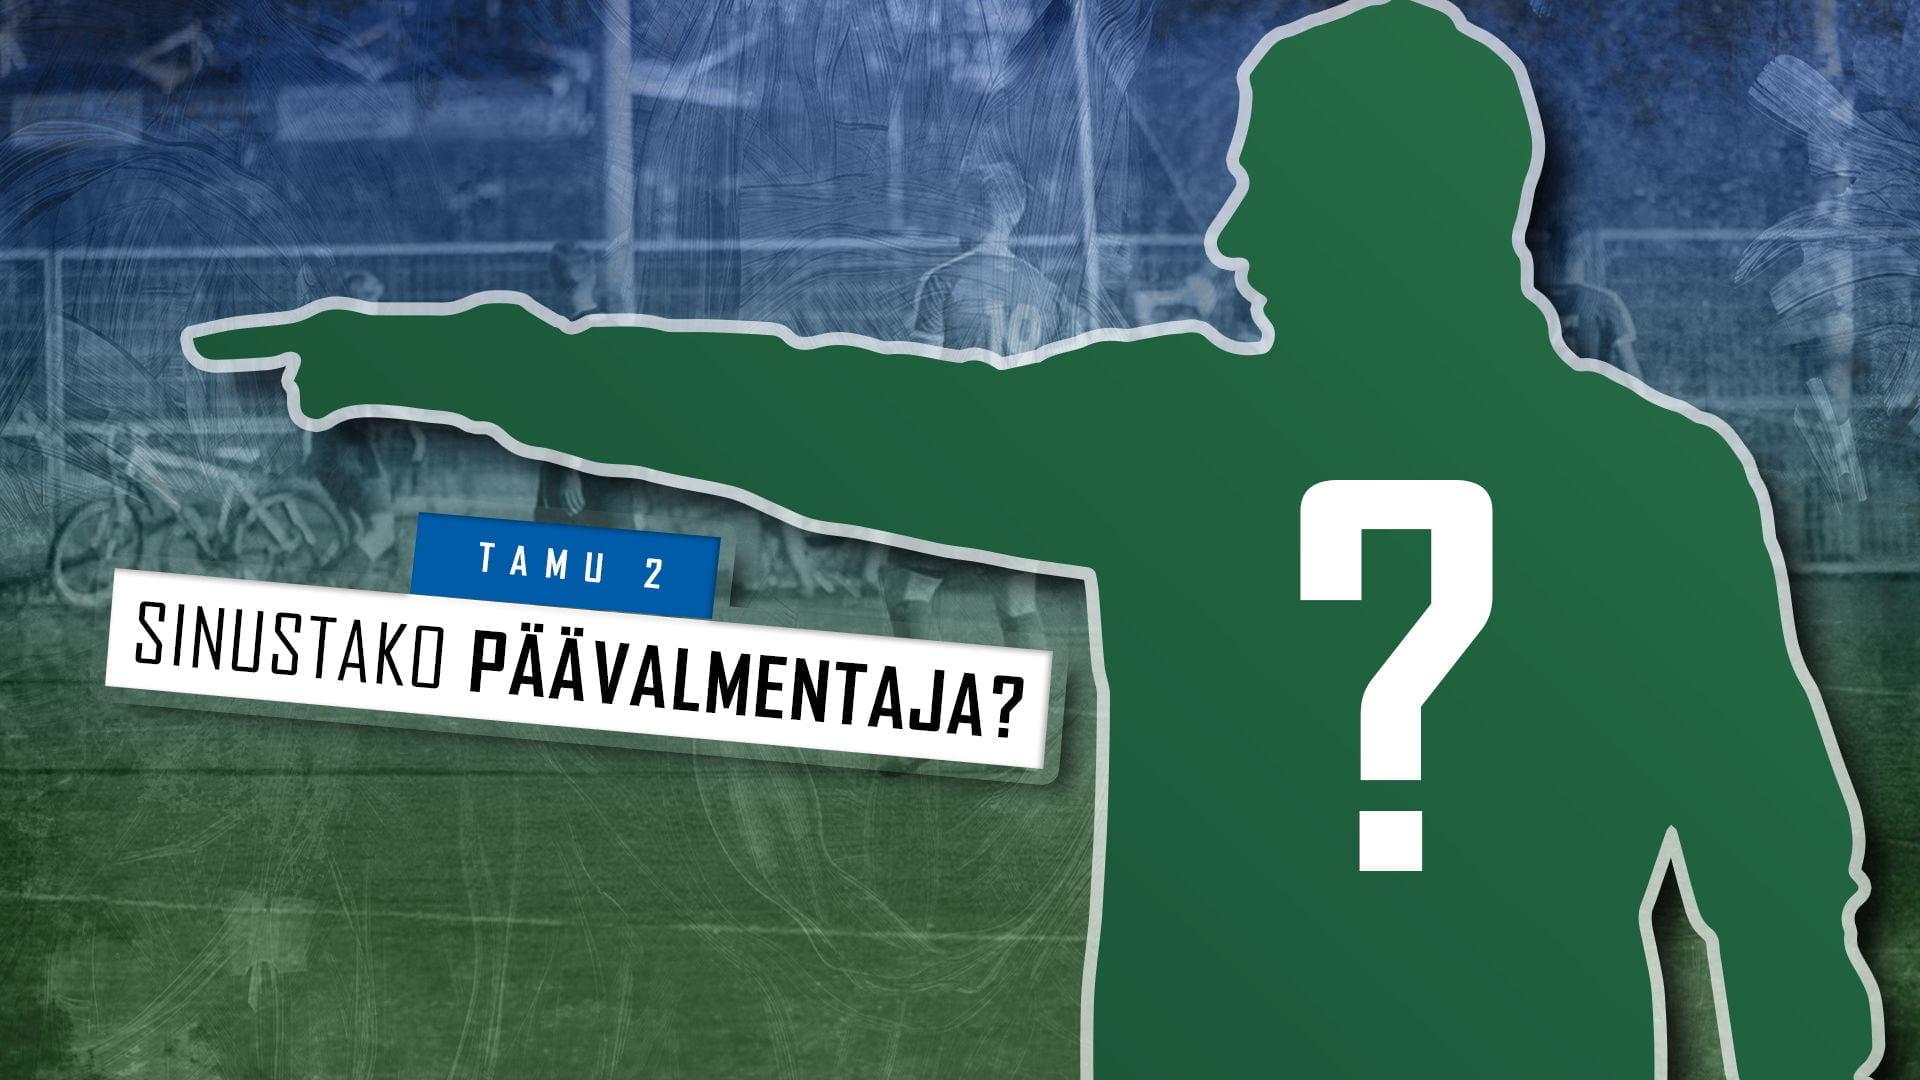 Tampere Unitedin kakkosjoukkue hakee päävalmentajaa -uutiskuva